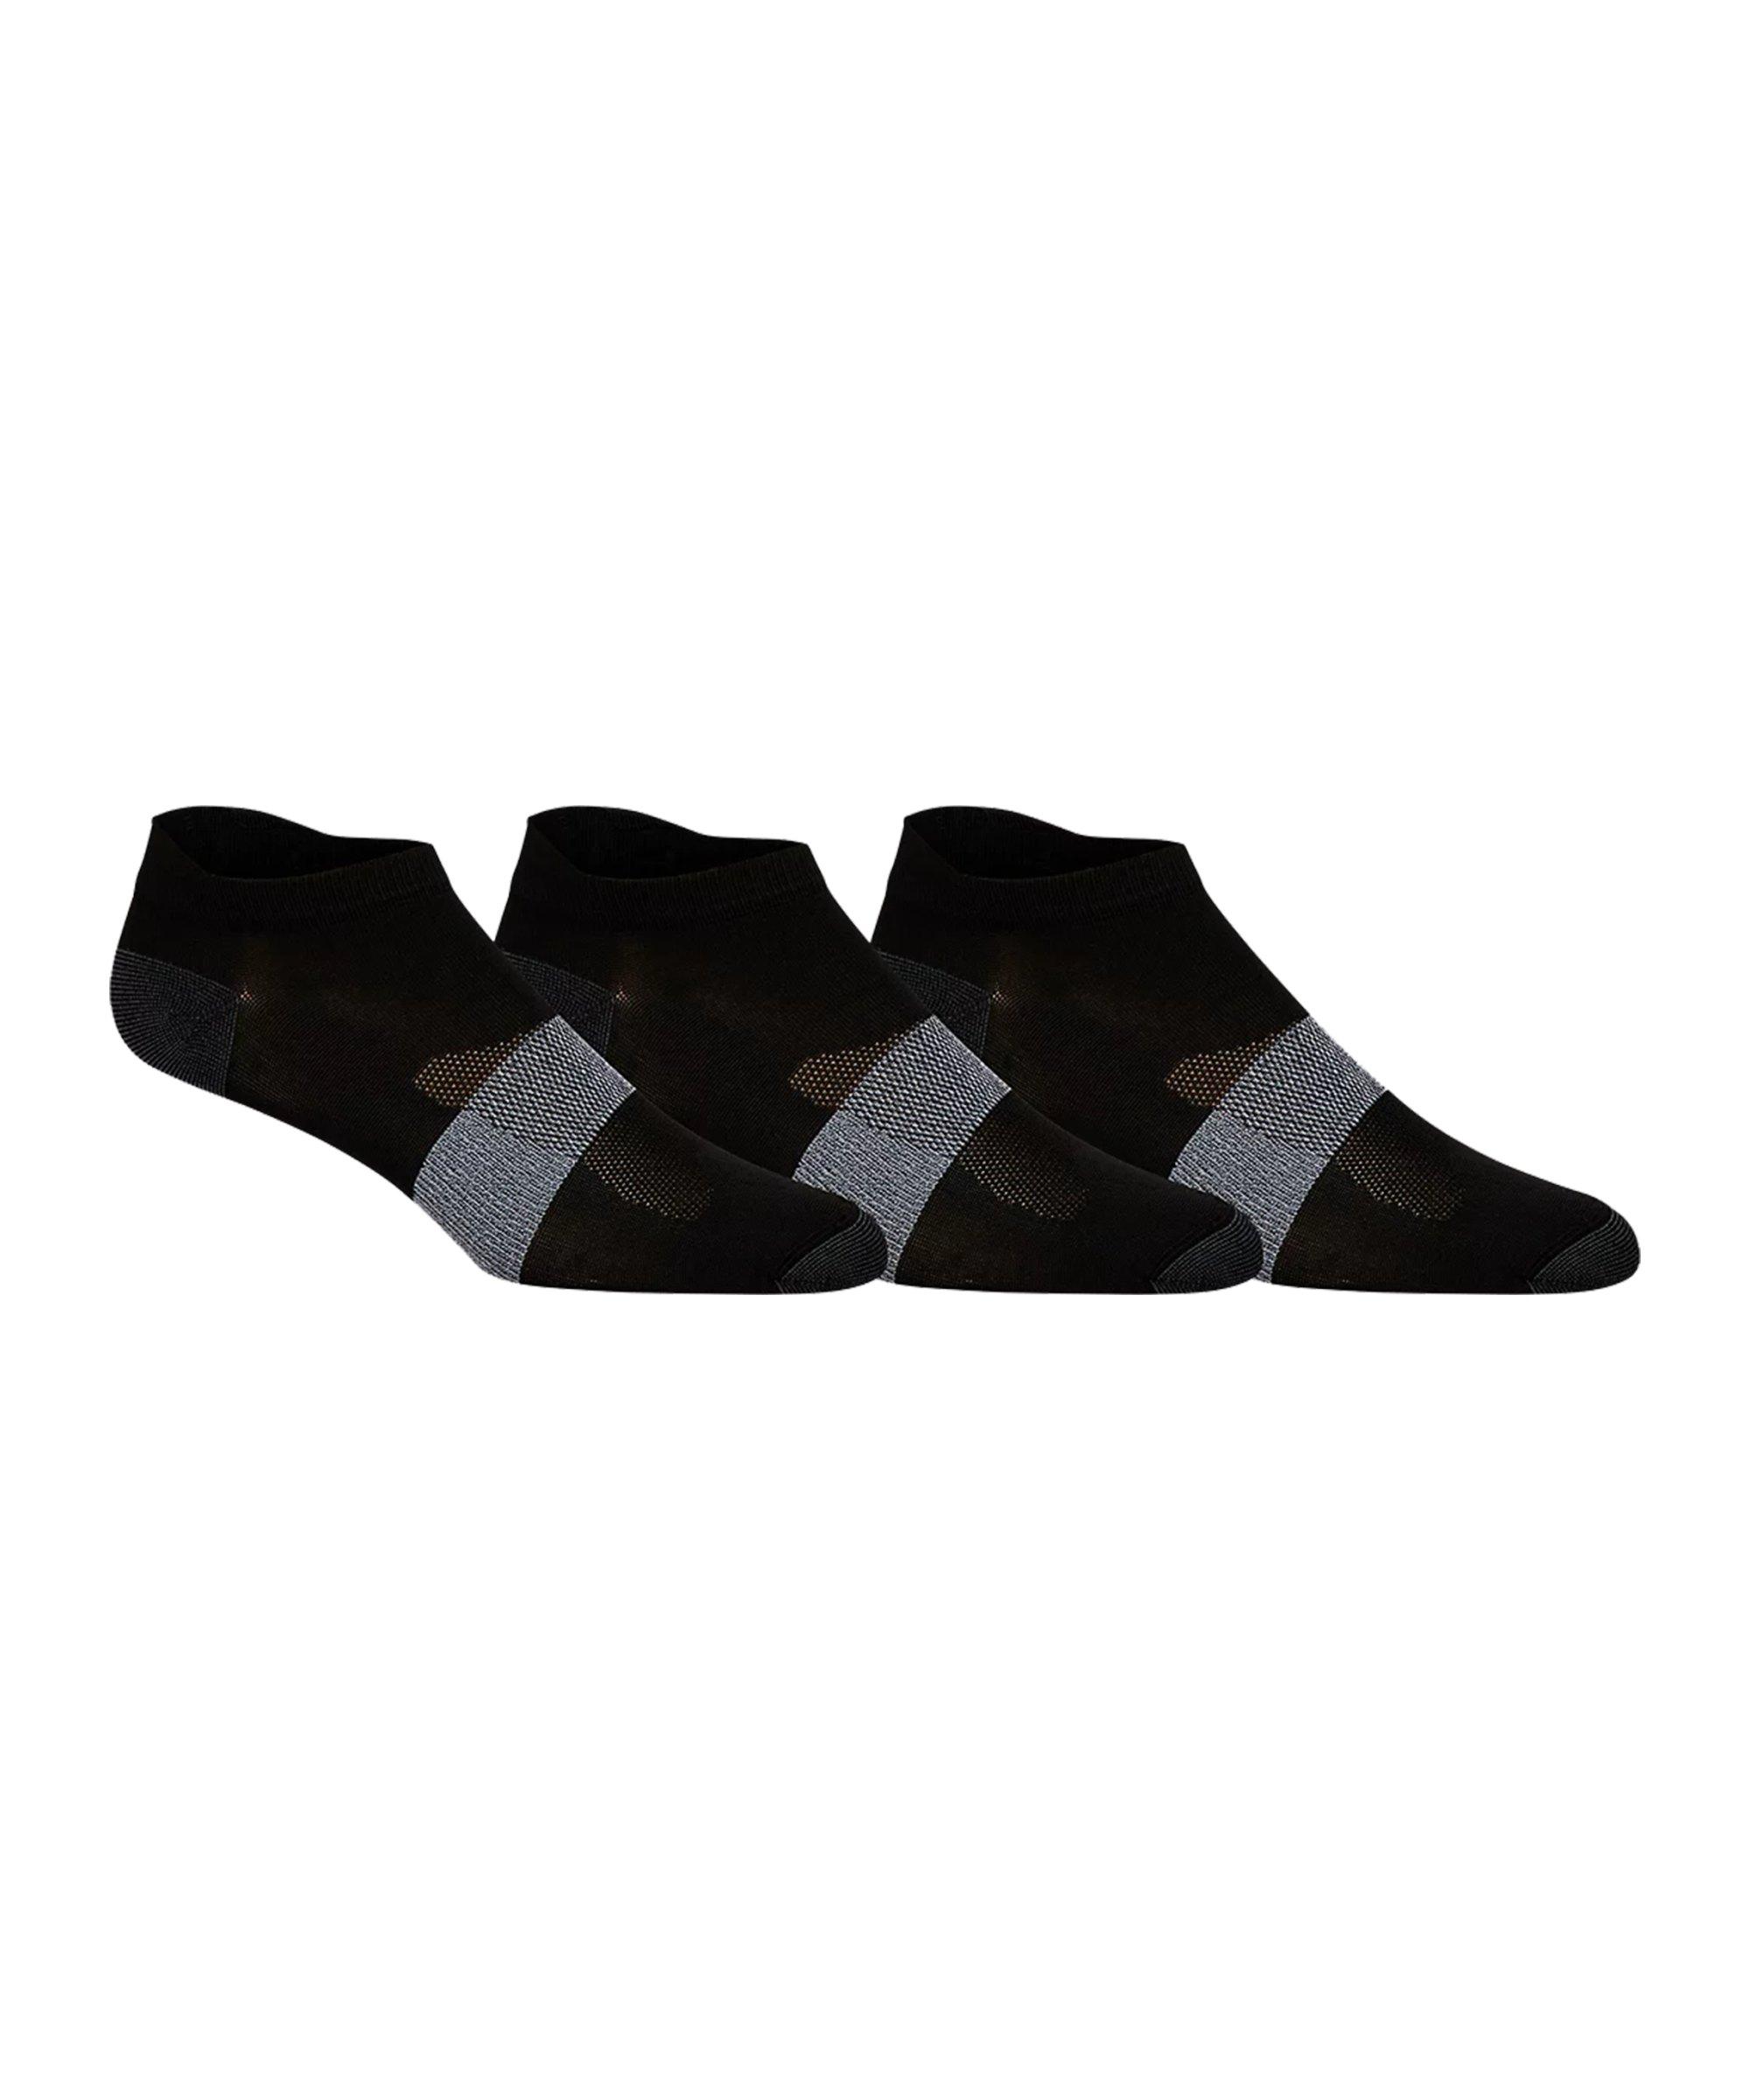 Asics 3er Pack LYTE Socken Schwarz F0900 - schwarz